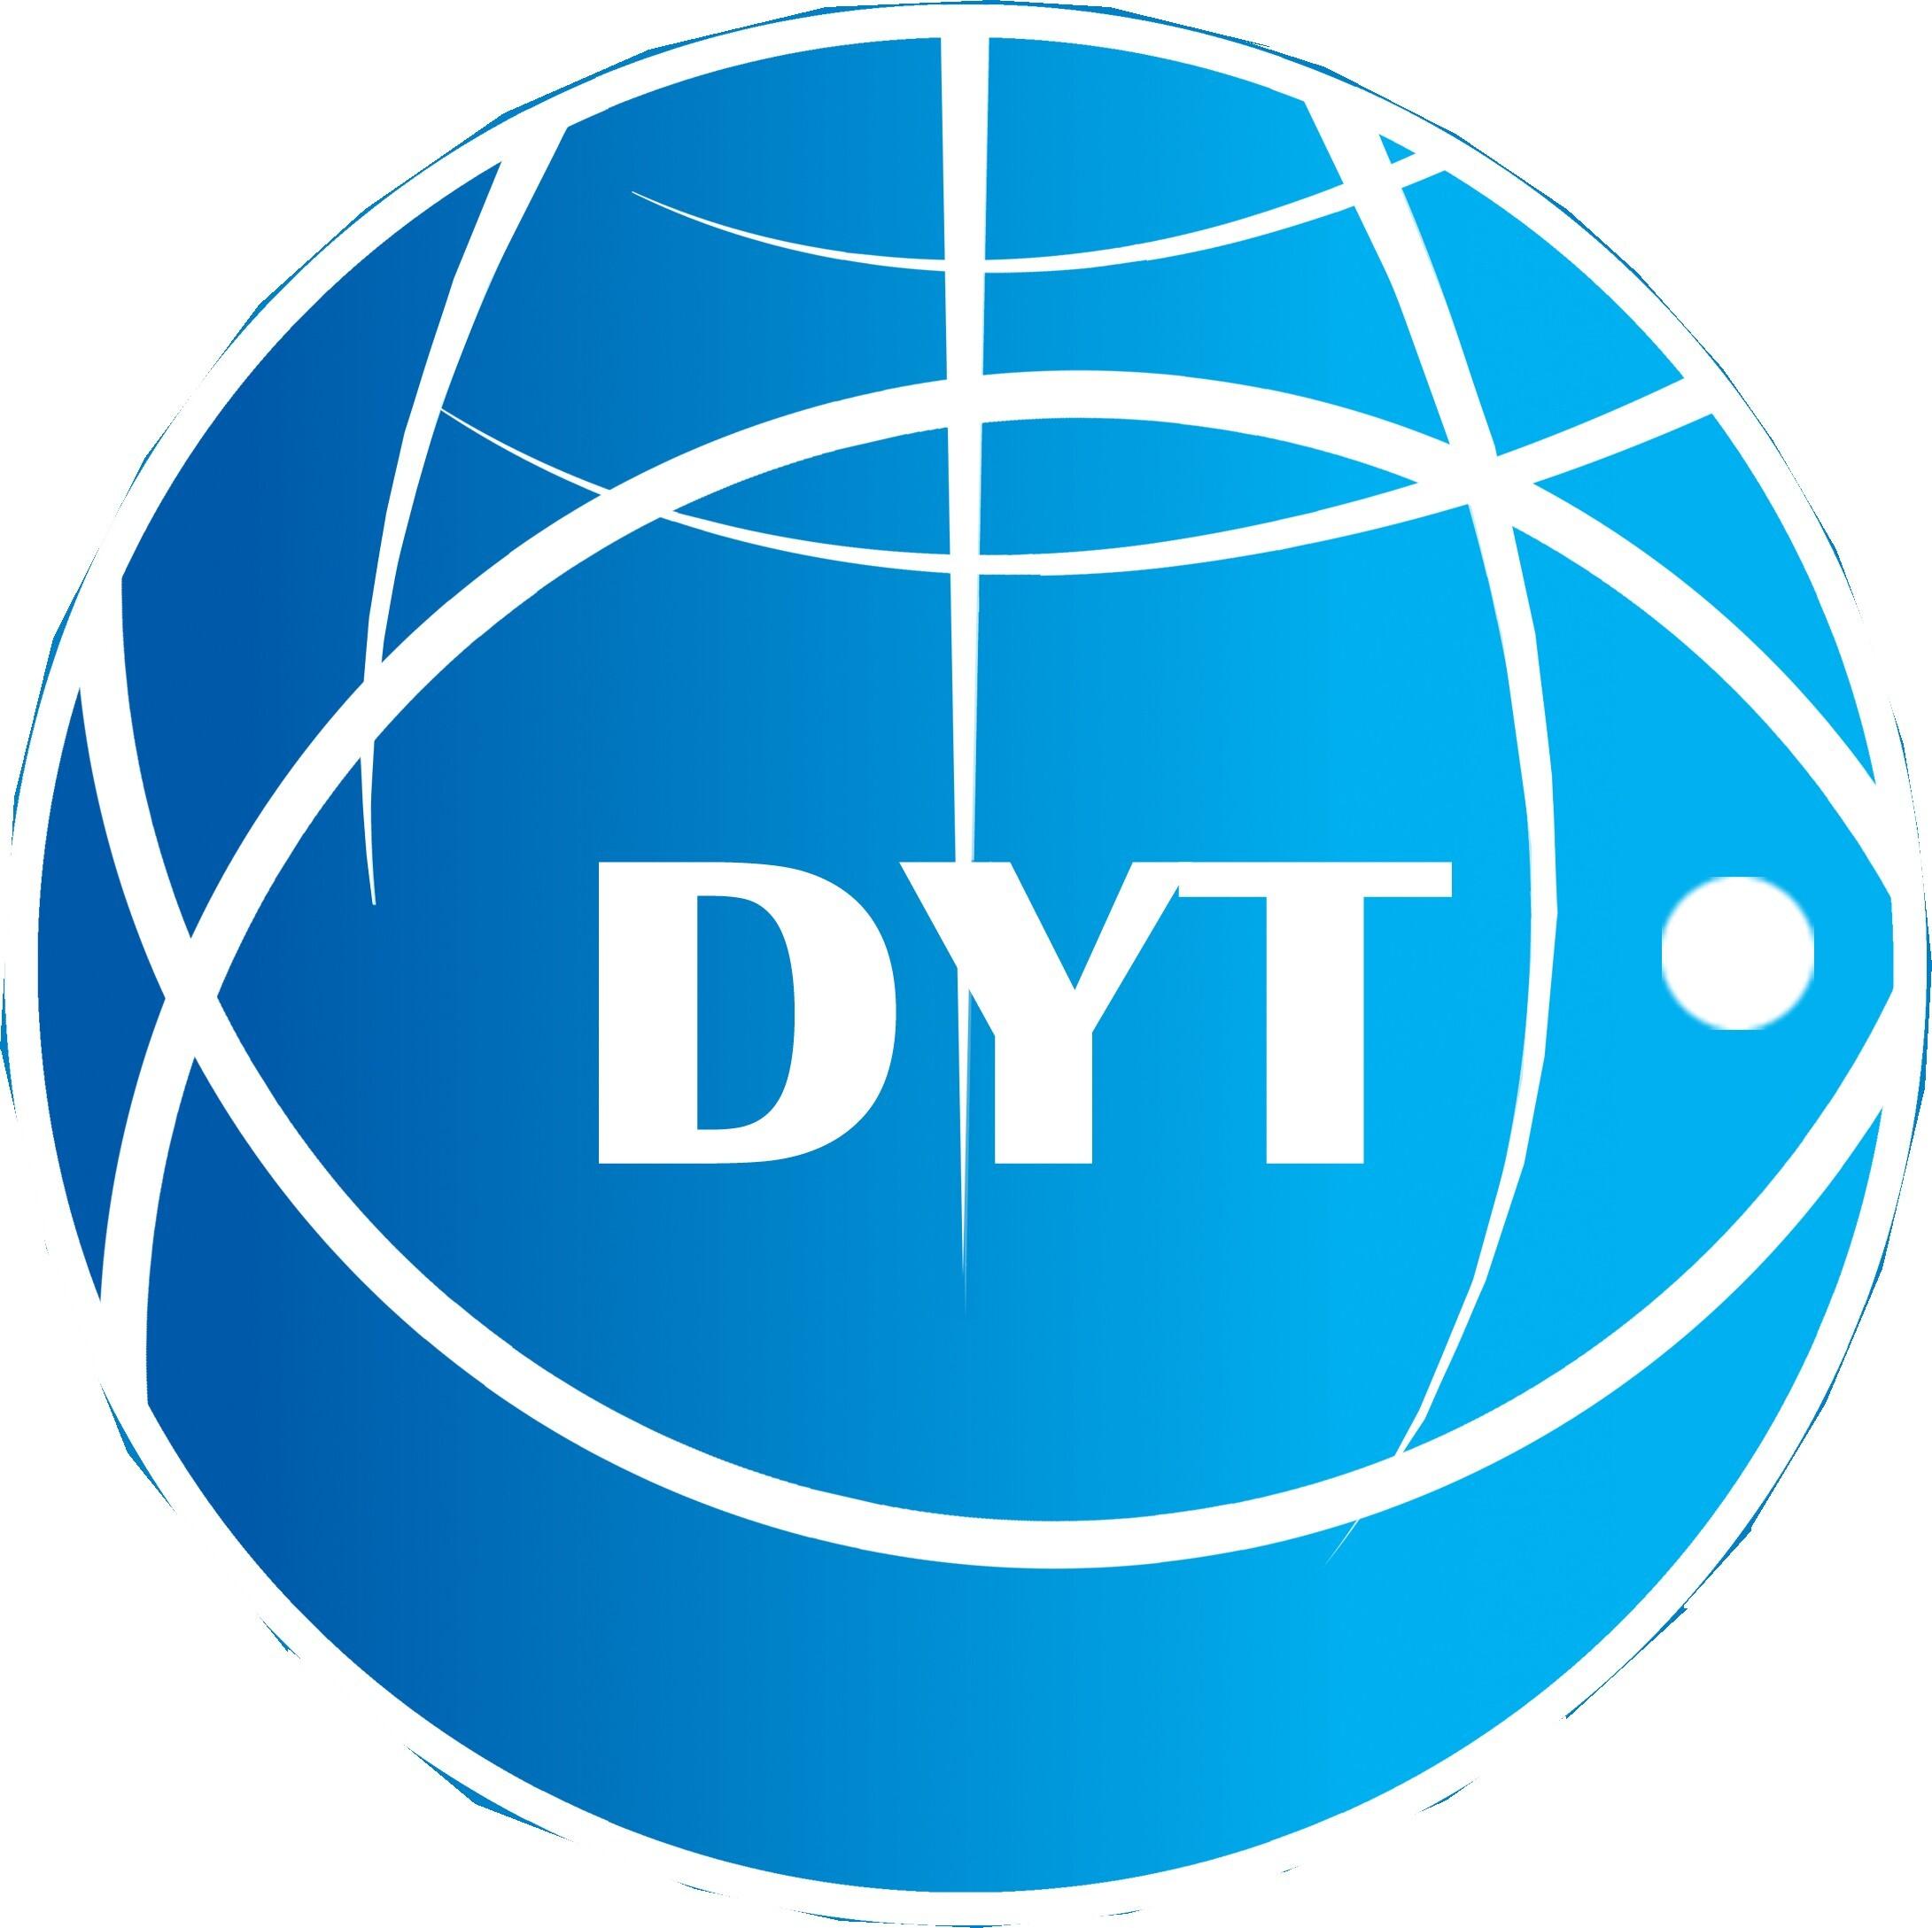 logo logo 标志 设计 矢量 矢量图 素材 图标 2181_2177